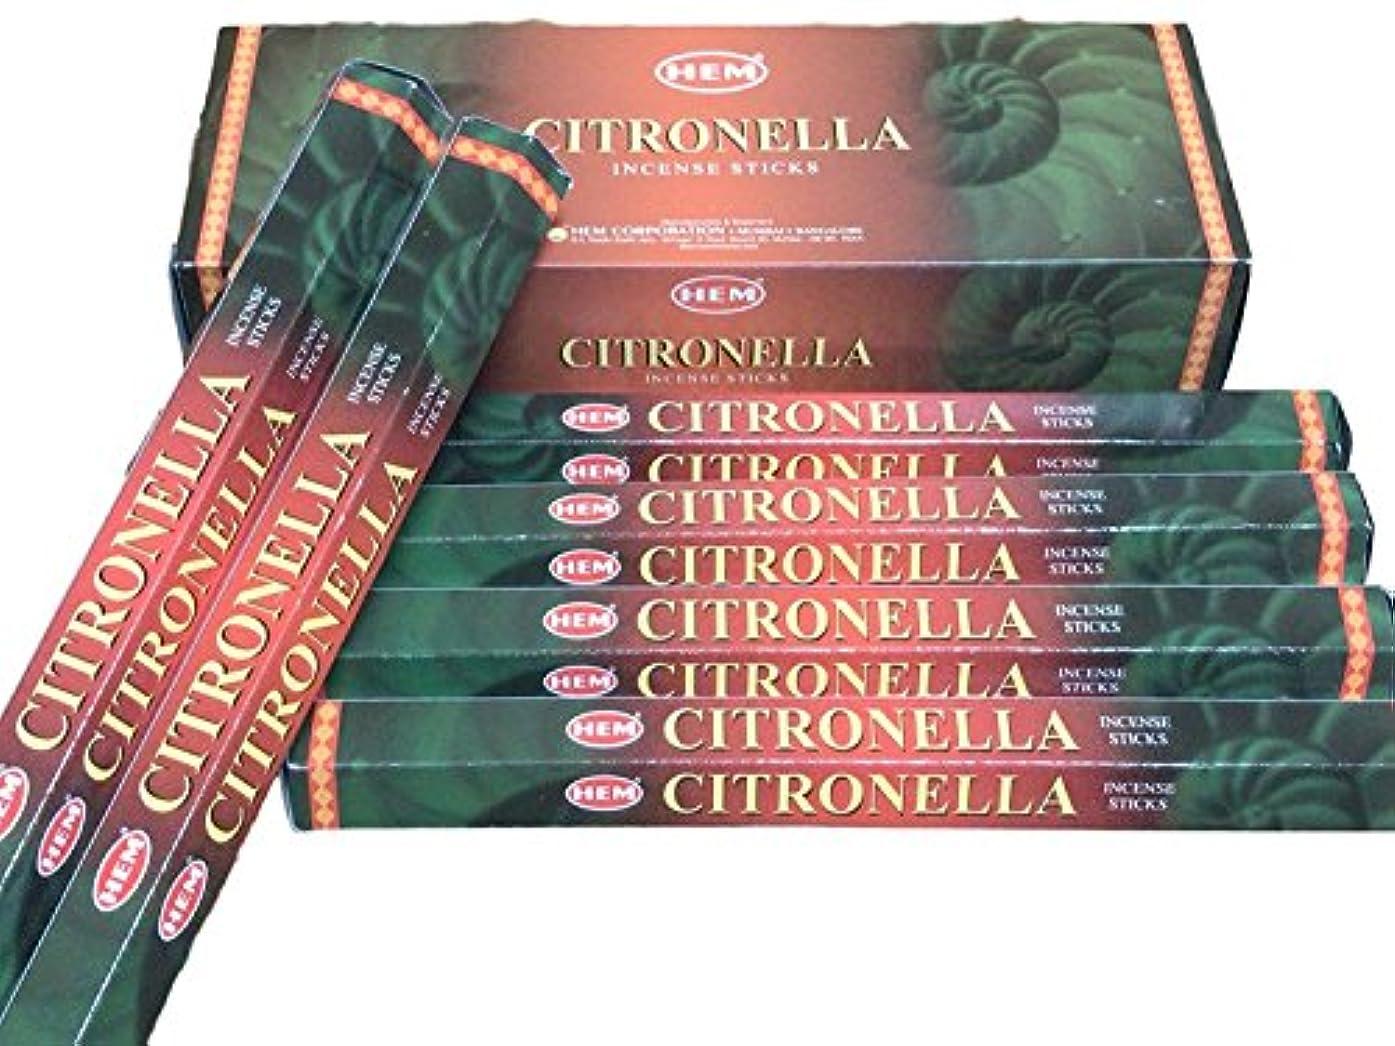 ステンレス提案する交渉するHEM ヘム シトロネラ CITRONELLA ステック お香 6本 セット